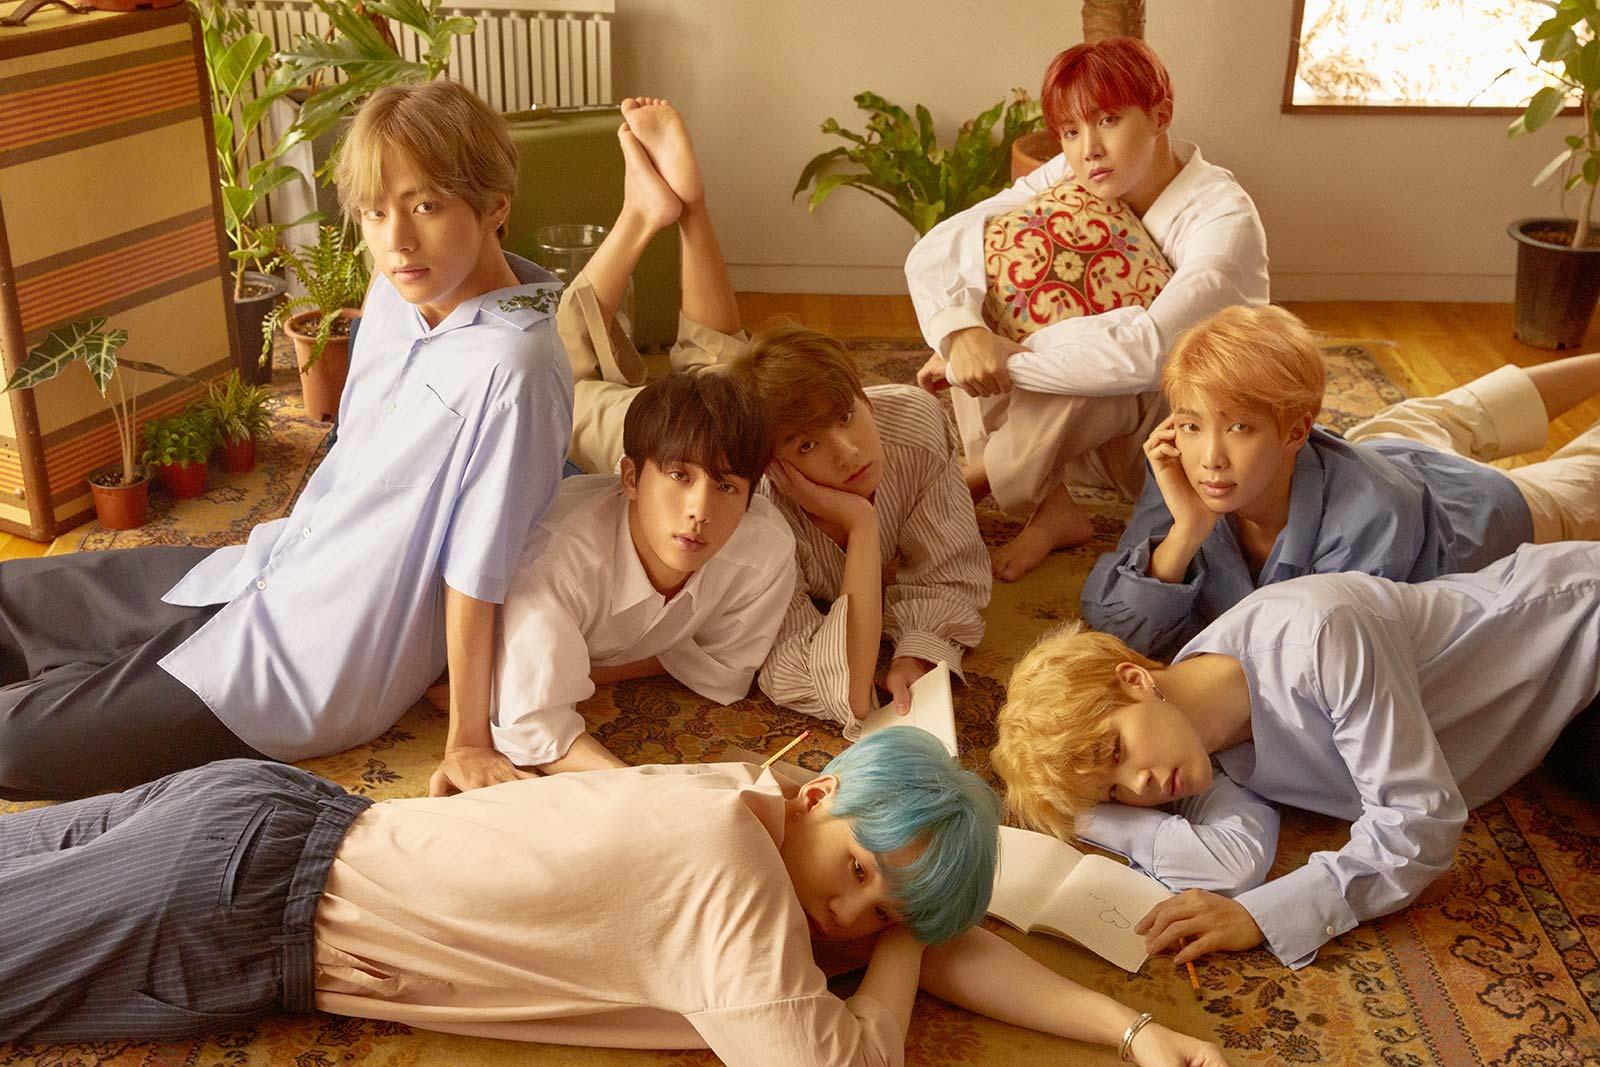 BTS Reveals Sets Of Gorgeous Concept Photos For New Mini Album